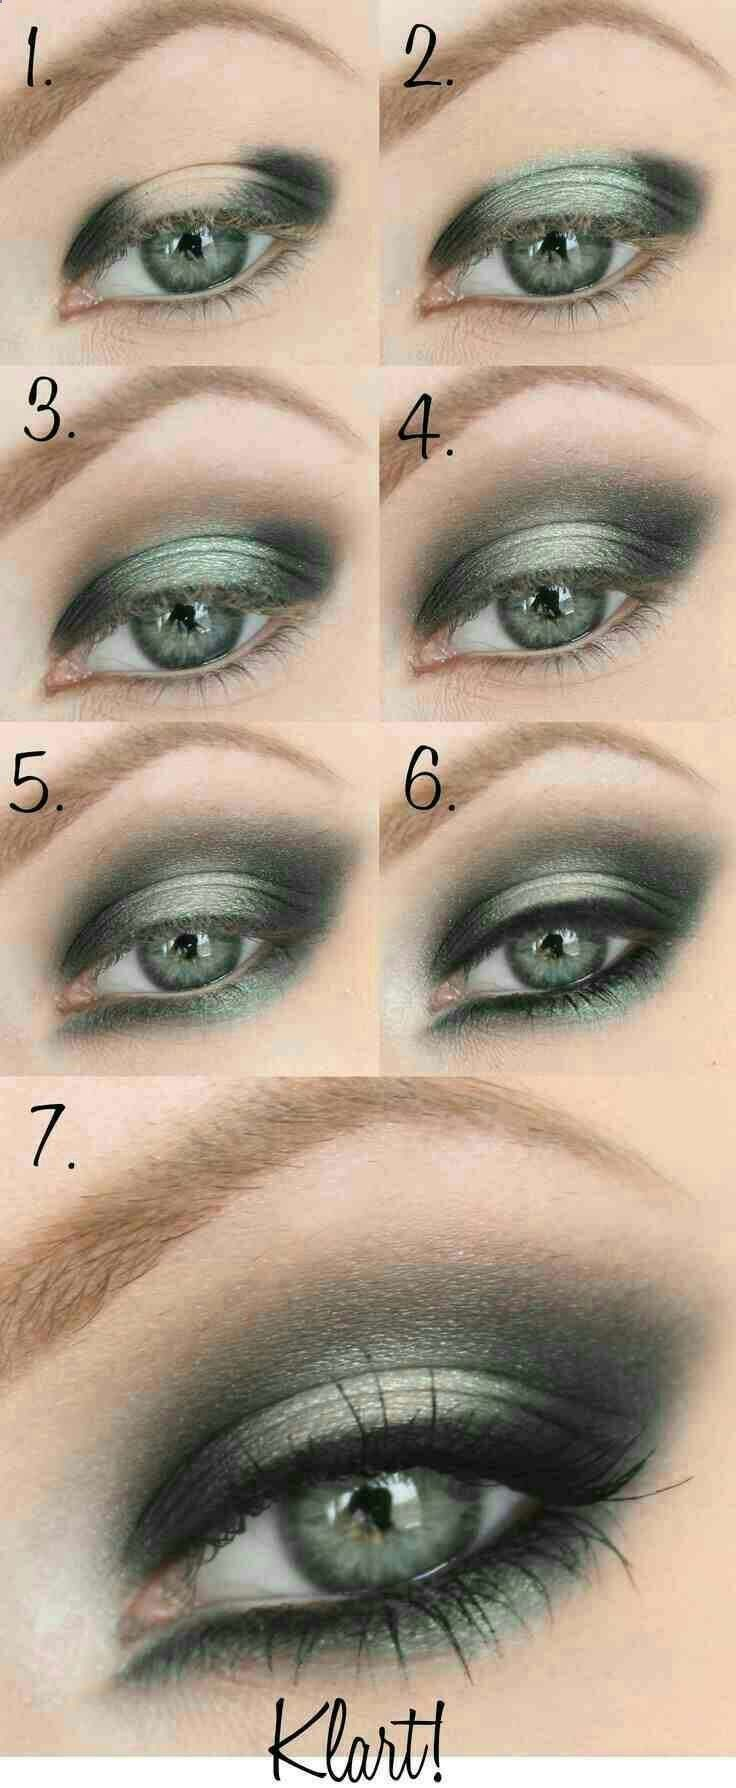 pin by airbrush makeup on airbrush makeup | pinterest | makeup, eye